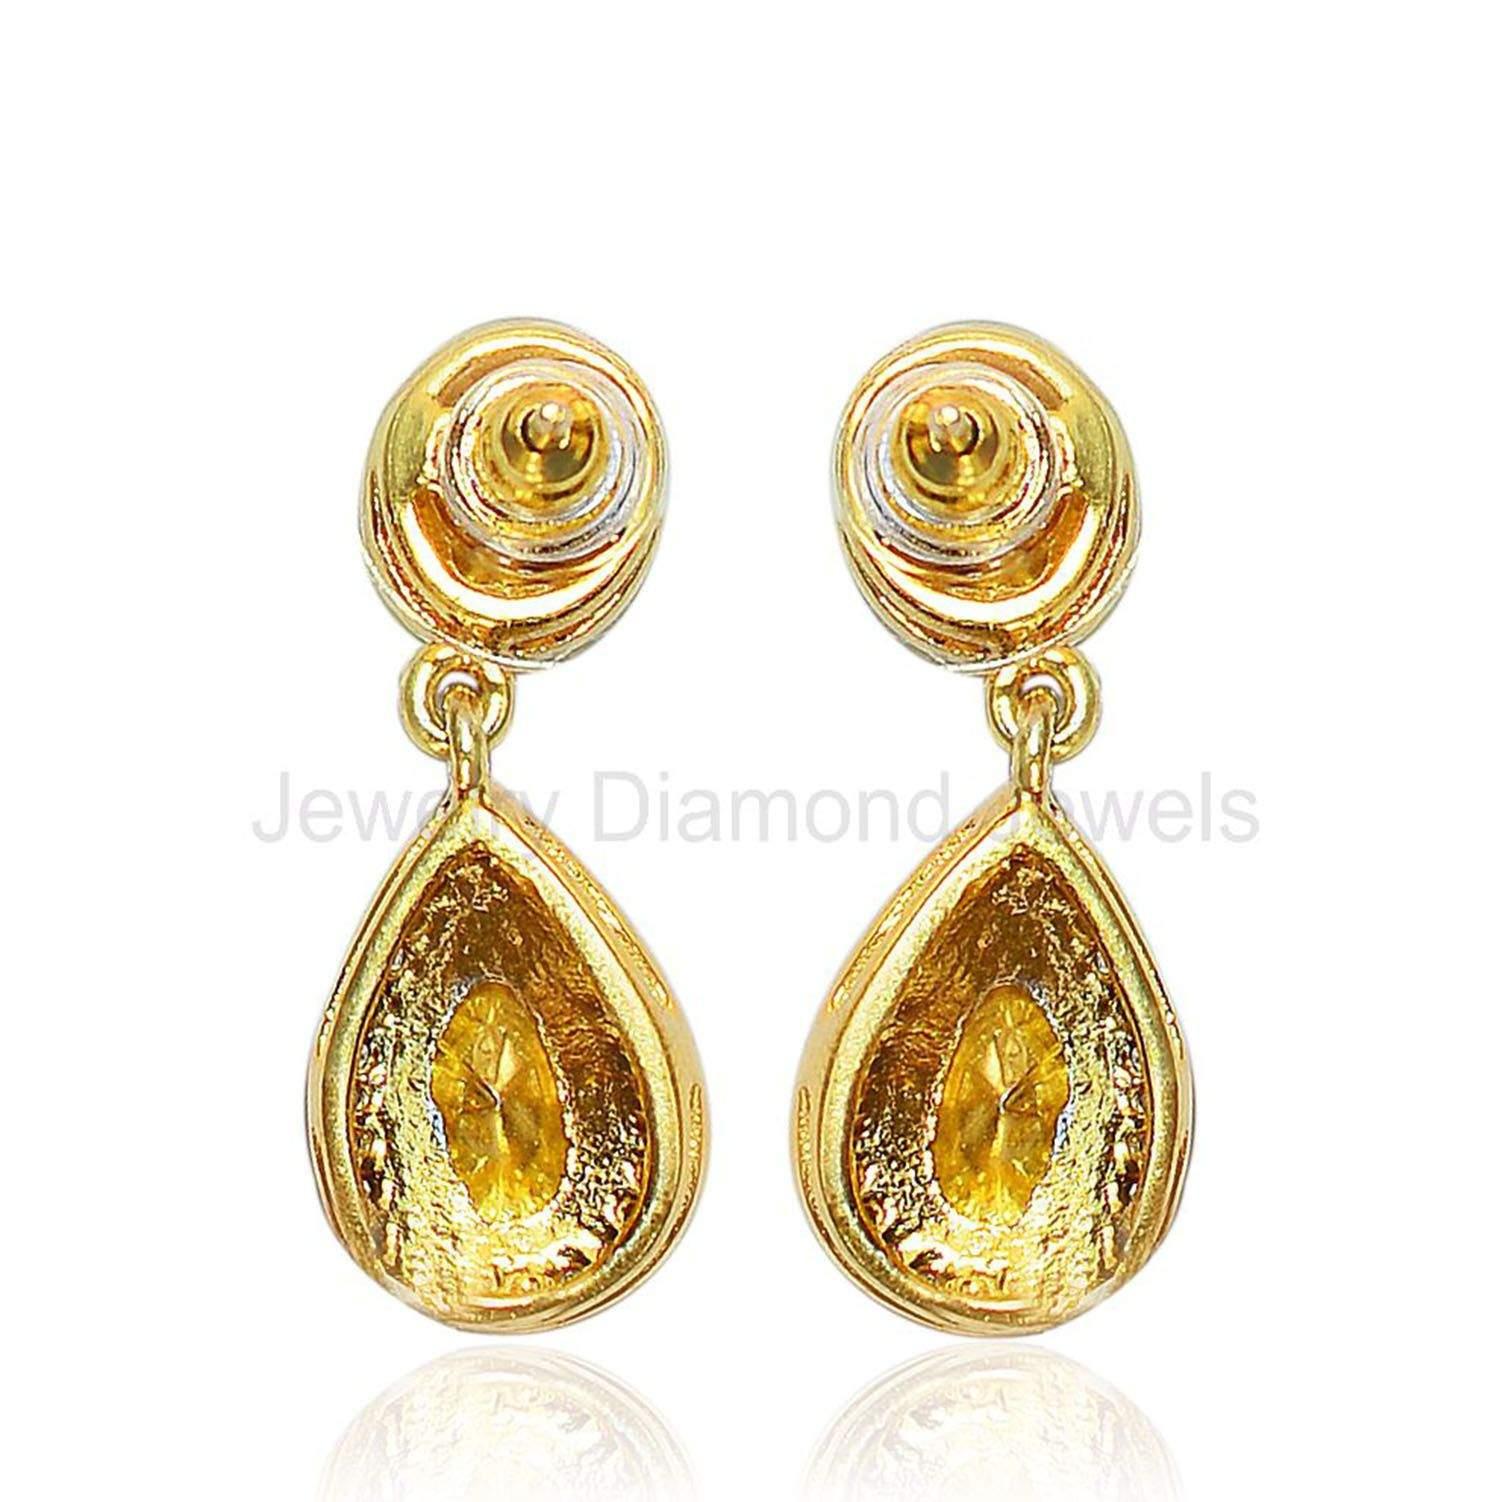 Rose Cut Diamond Wedding Jewelry Earrings 925 Sterling